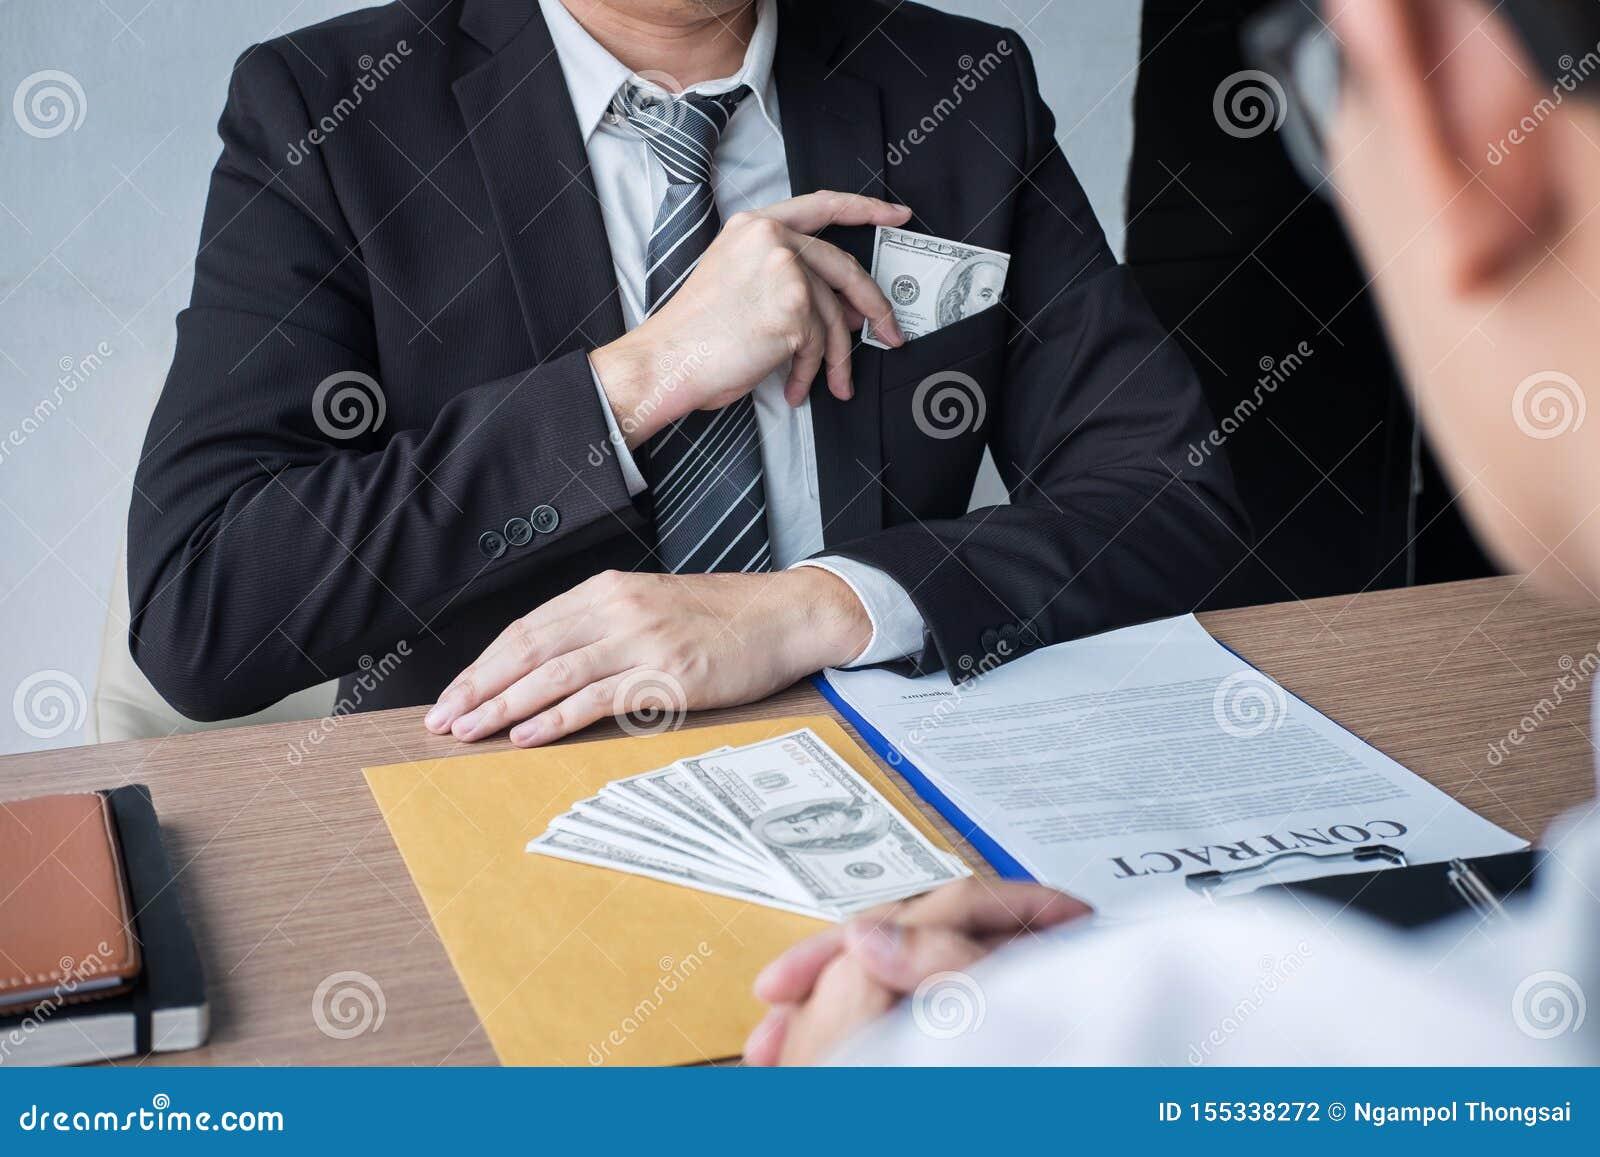 Fraude malhonnête en argent illégal, homme d affaires donnant à argent de paiement illicite la forme de billets d un dollar à tan